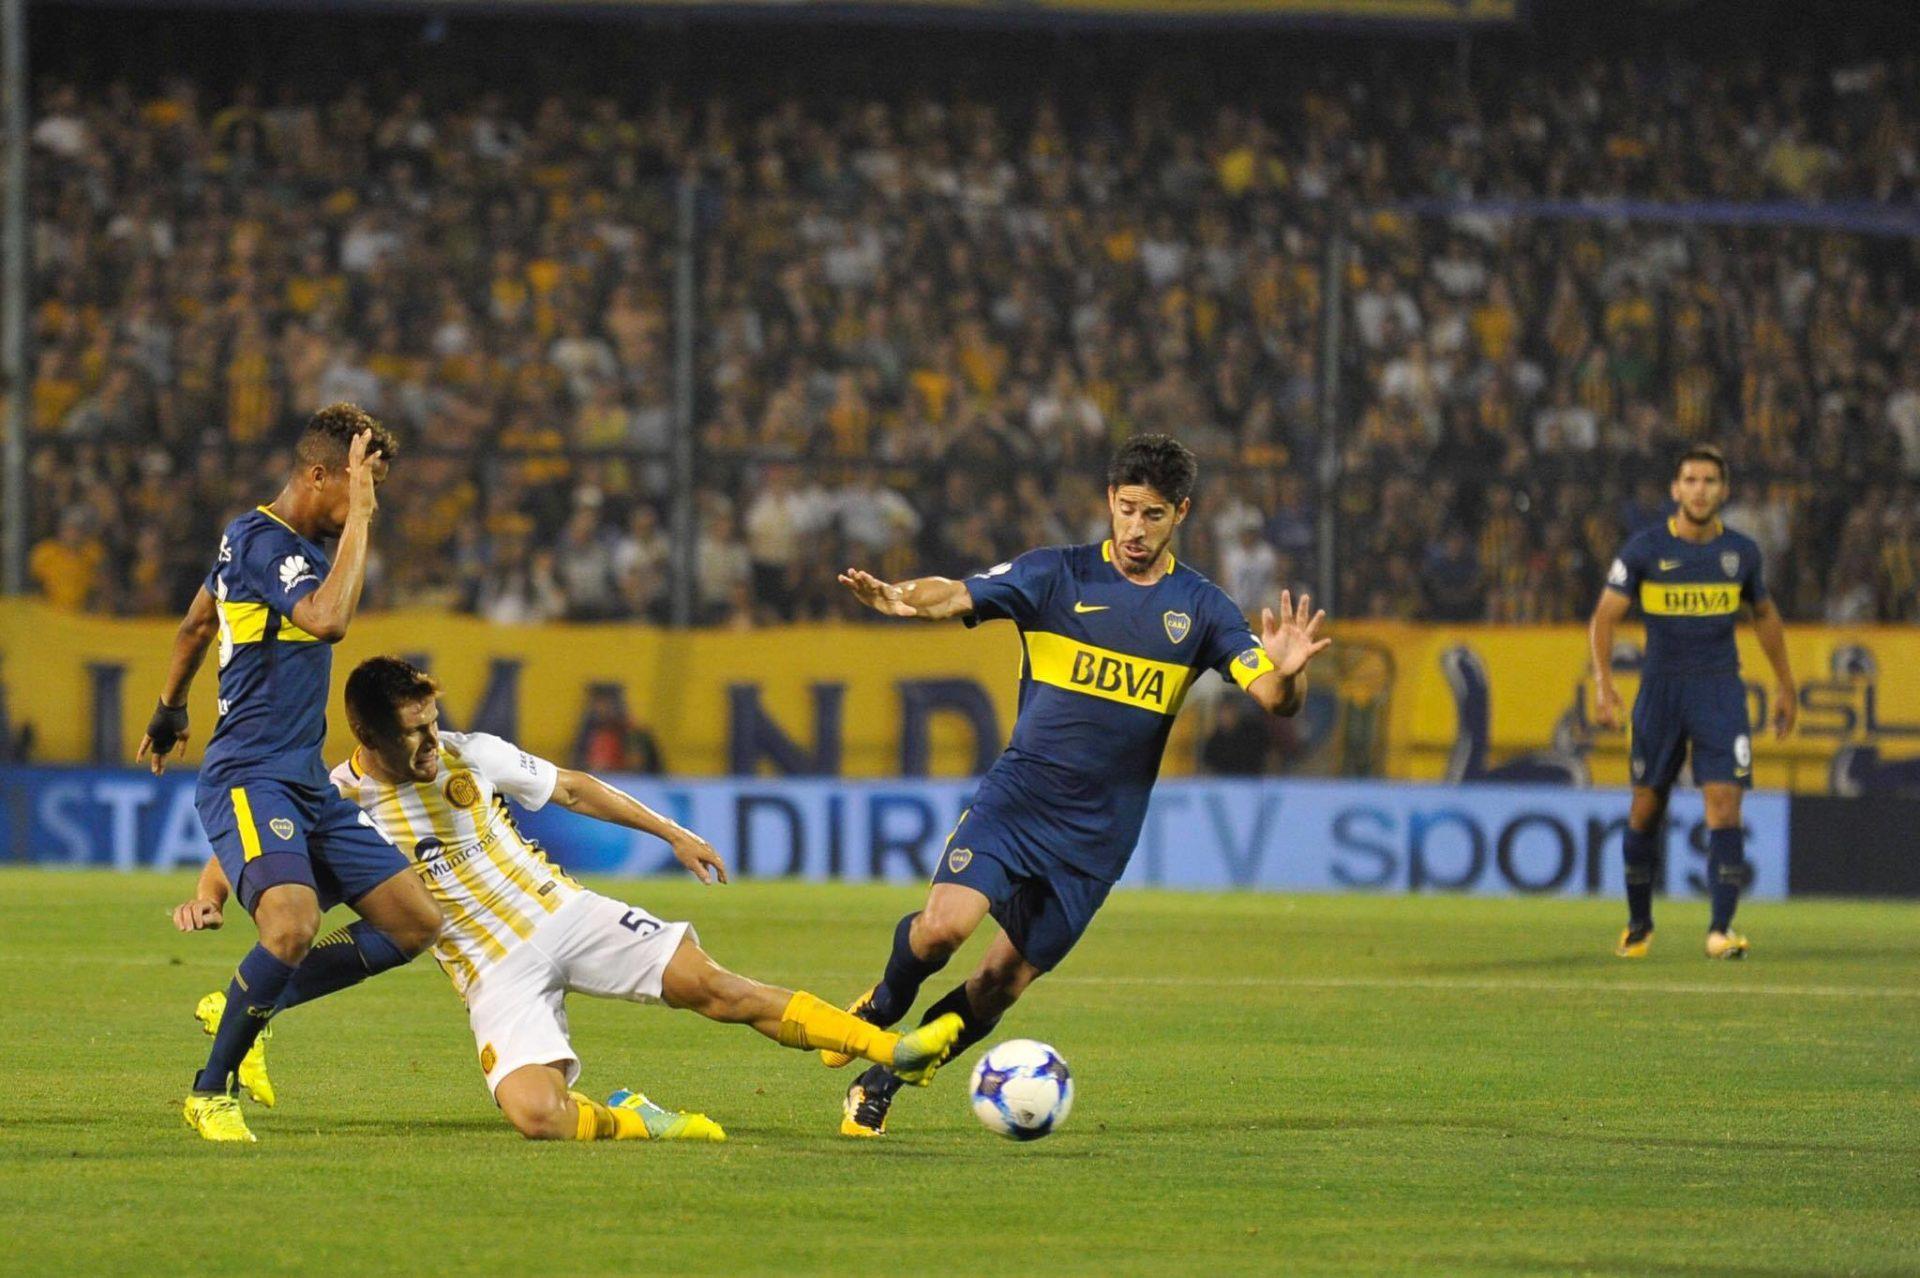 Rosario Central 1 - Boca Juniors 0